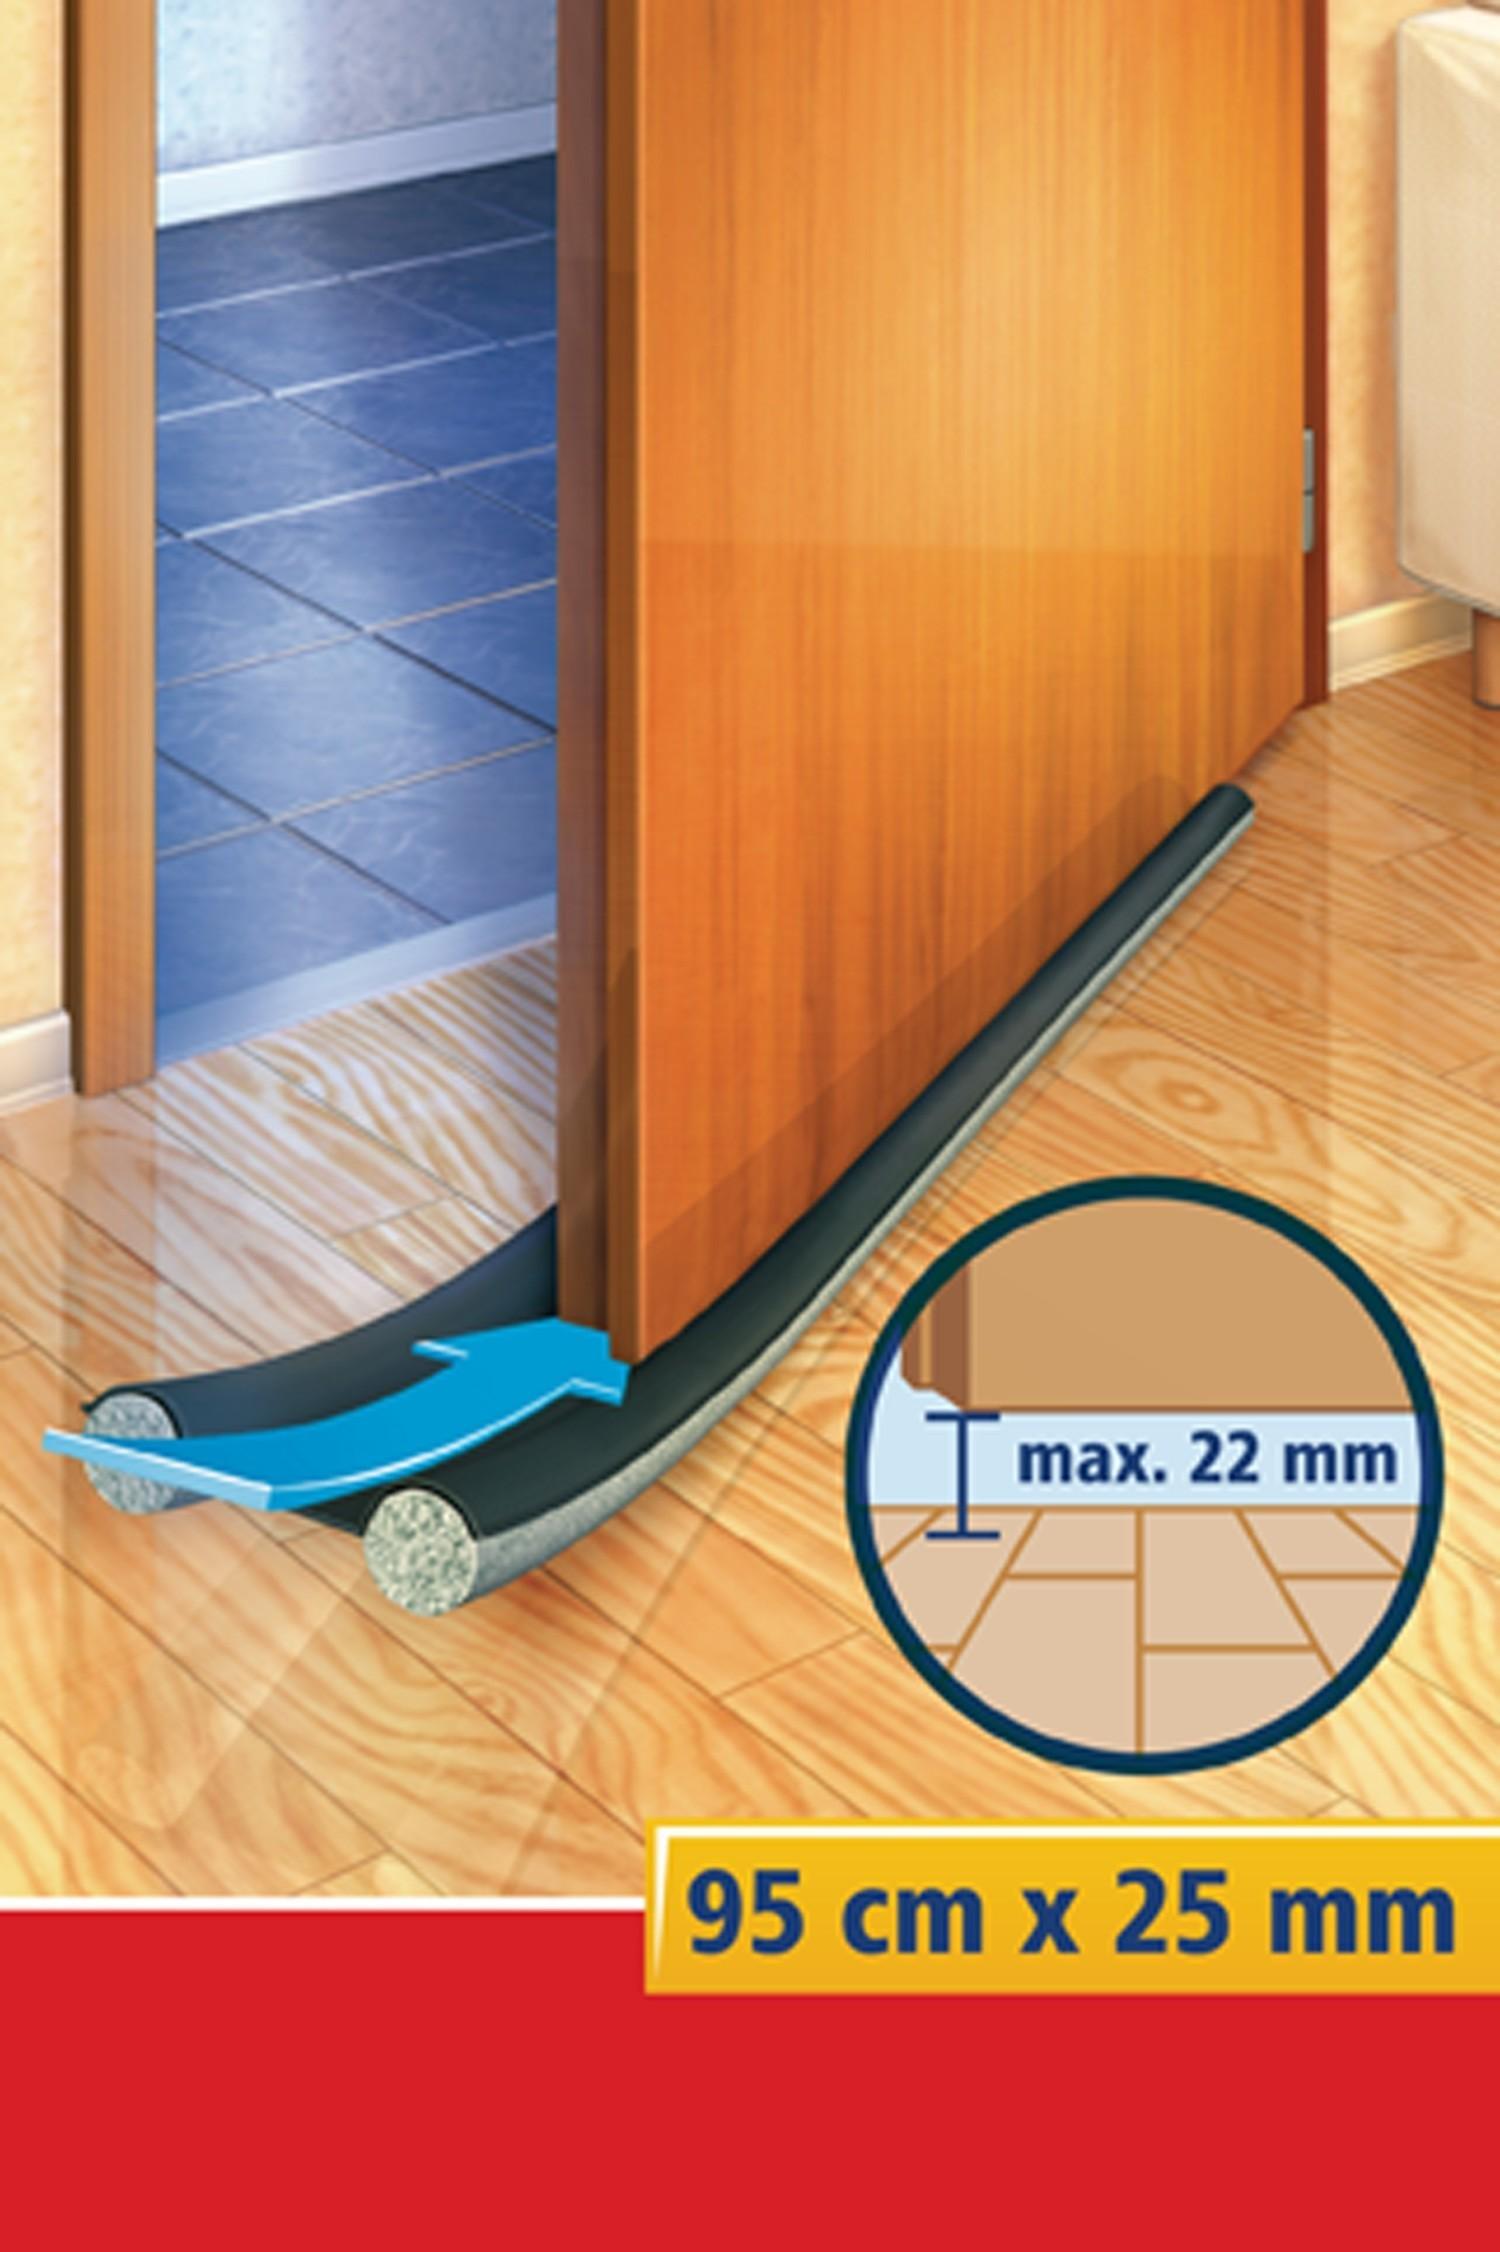 tesamoll® Türbodendoppeldichtung für glatte Böden anthr. 95cm x 25mm Bild 2